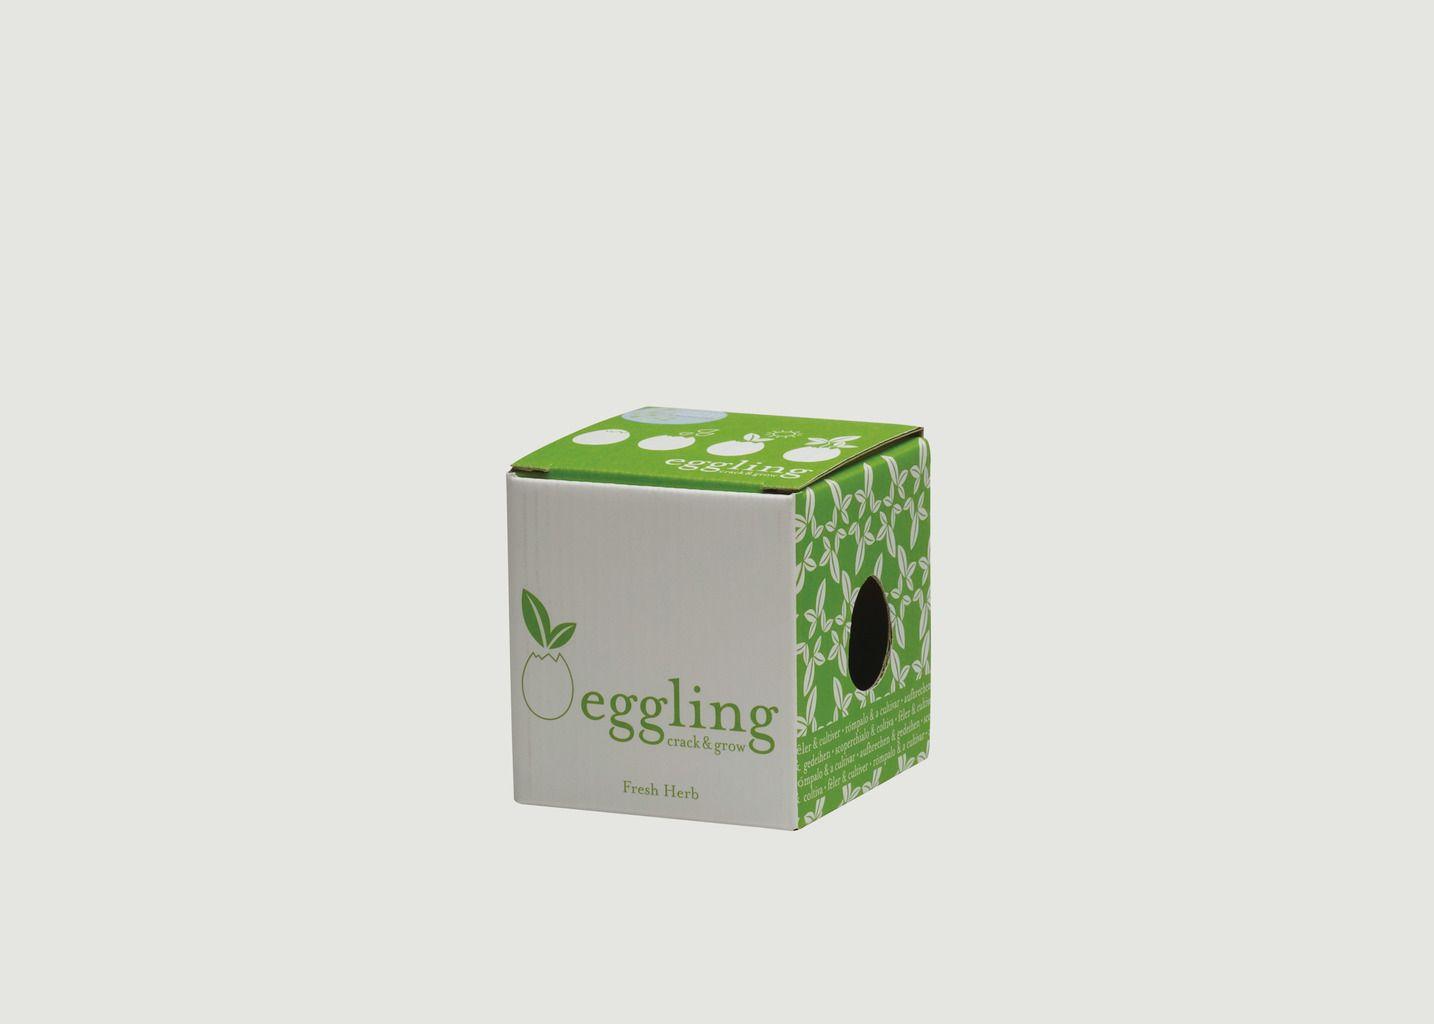 Eggling Basilic - Noted